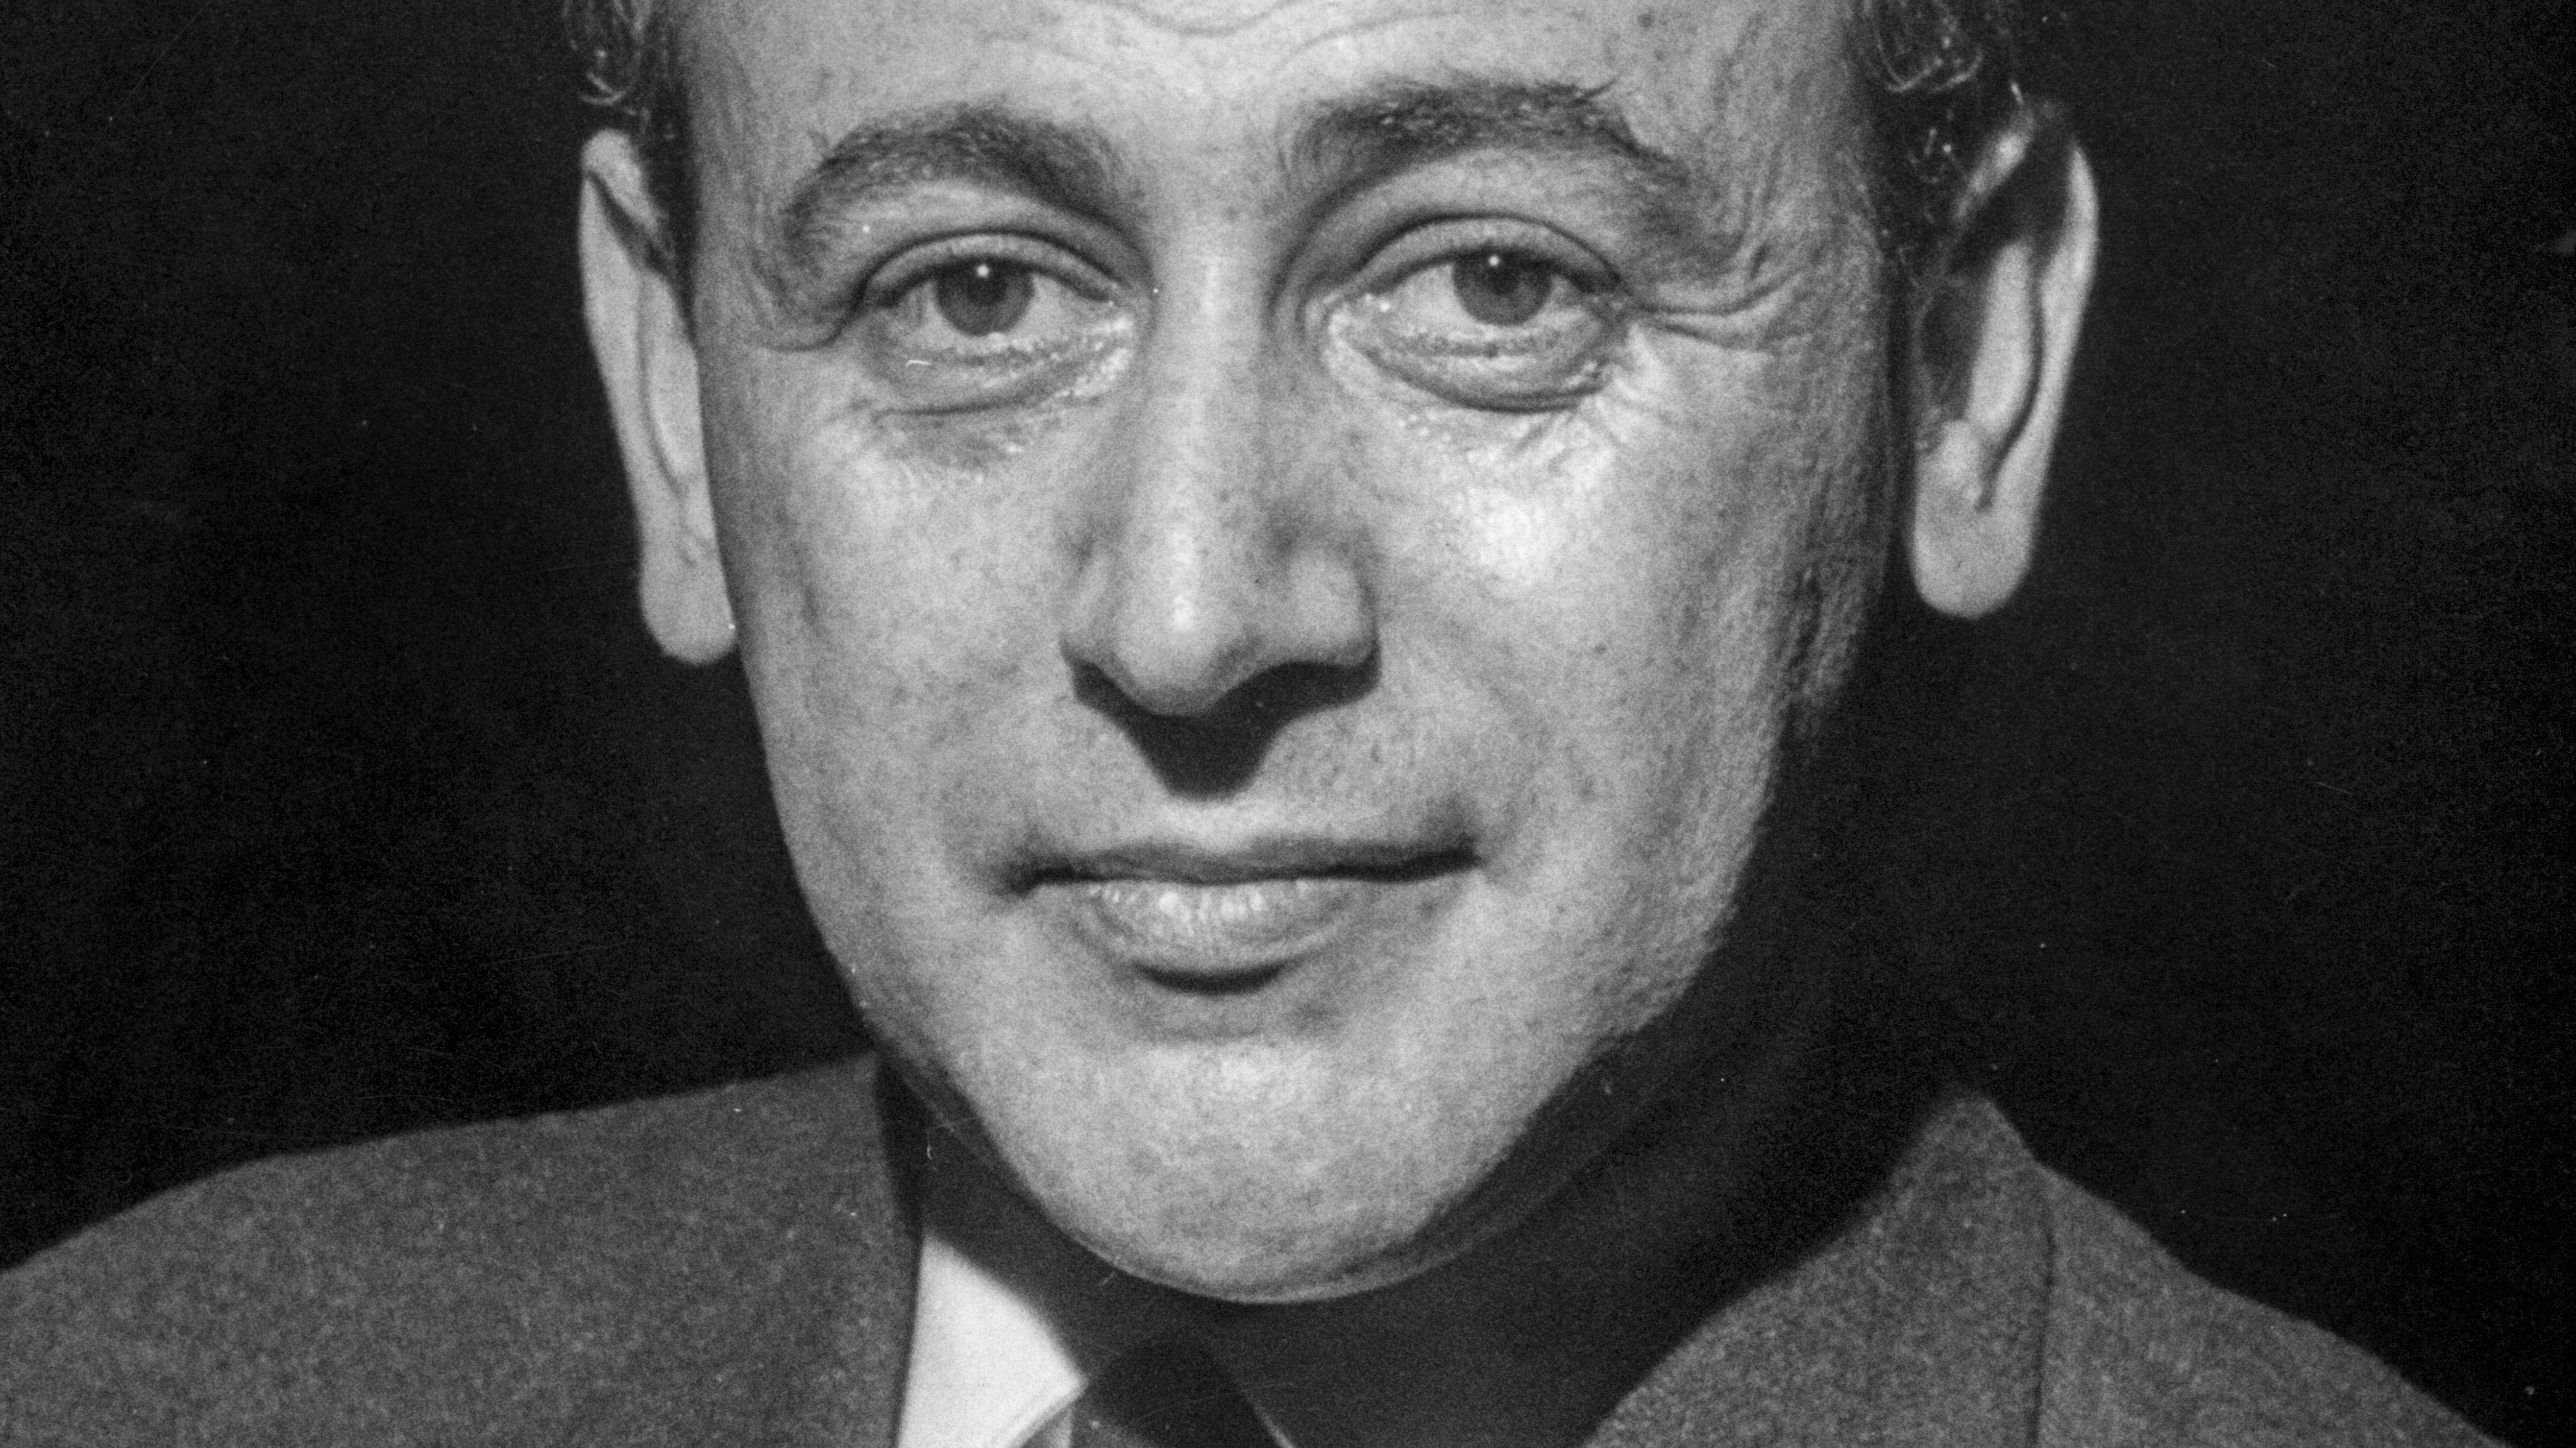 Eine schwarz-weiße Porträtaufnahme des Dichters Paul  Celan